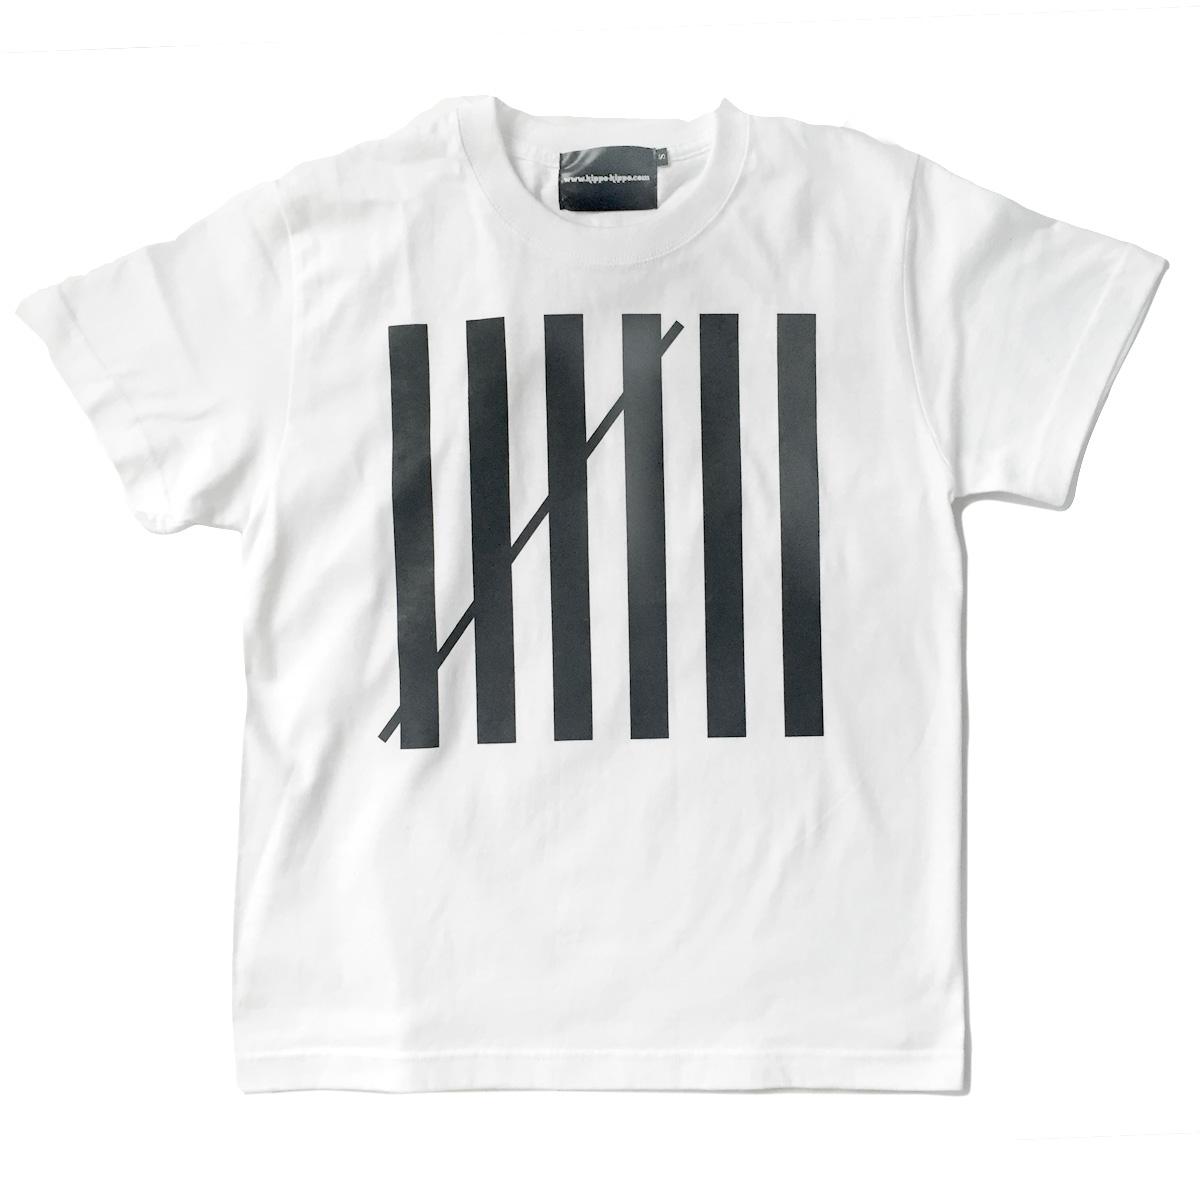 映画「セブン」×マーク・ジェイコブス マッシュアップTシャツ(白)画像